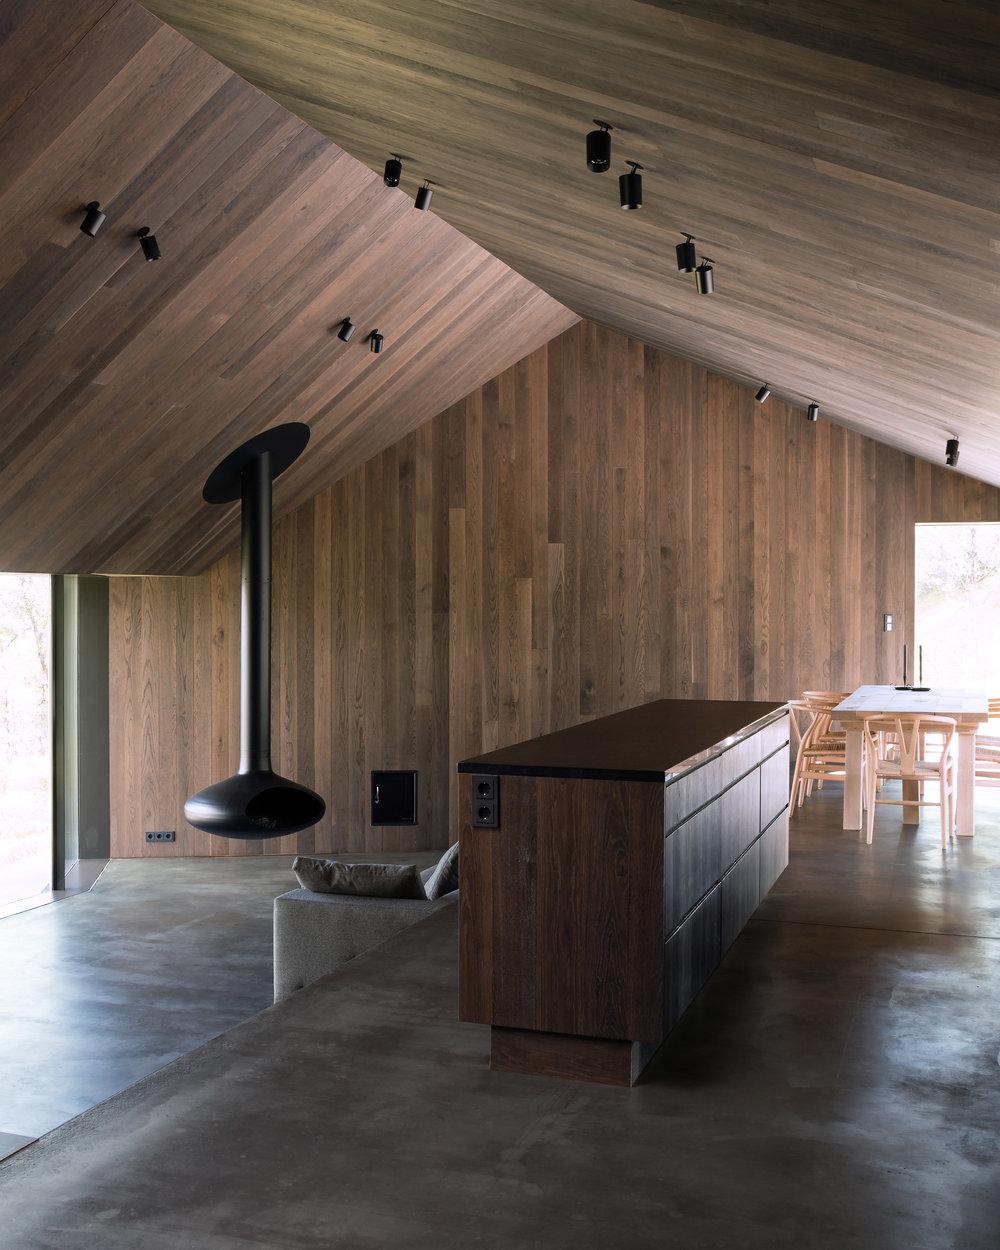 cabin-geilo-norway-lund-hagem-architecture-residential_dezeen_2364_col_1.jpg